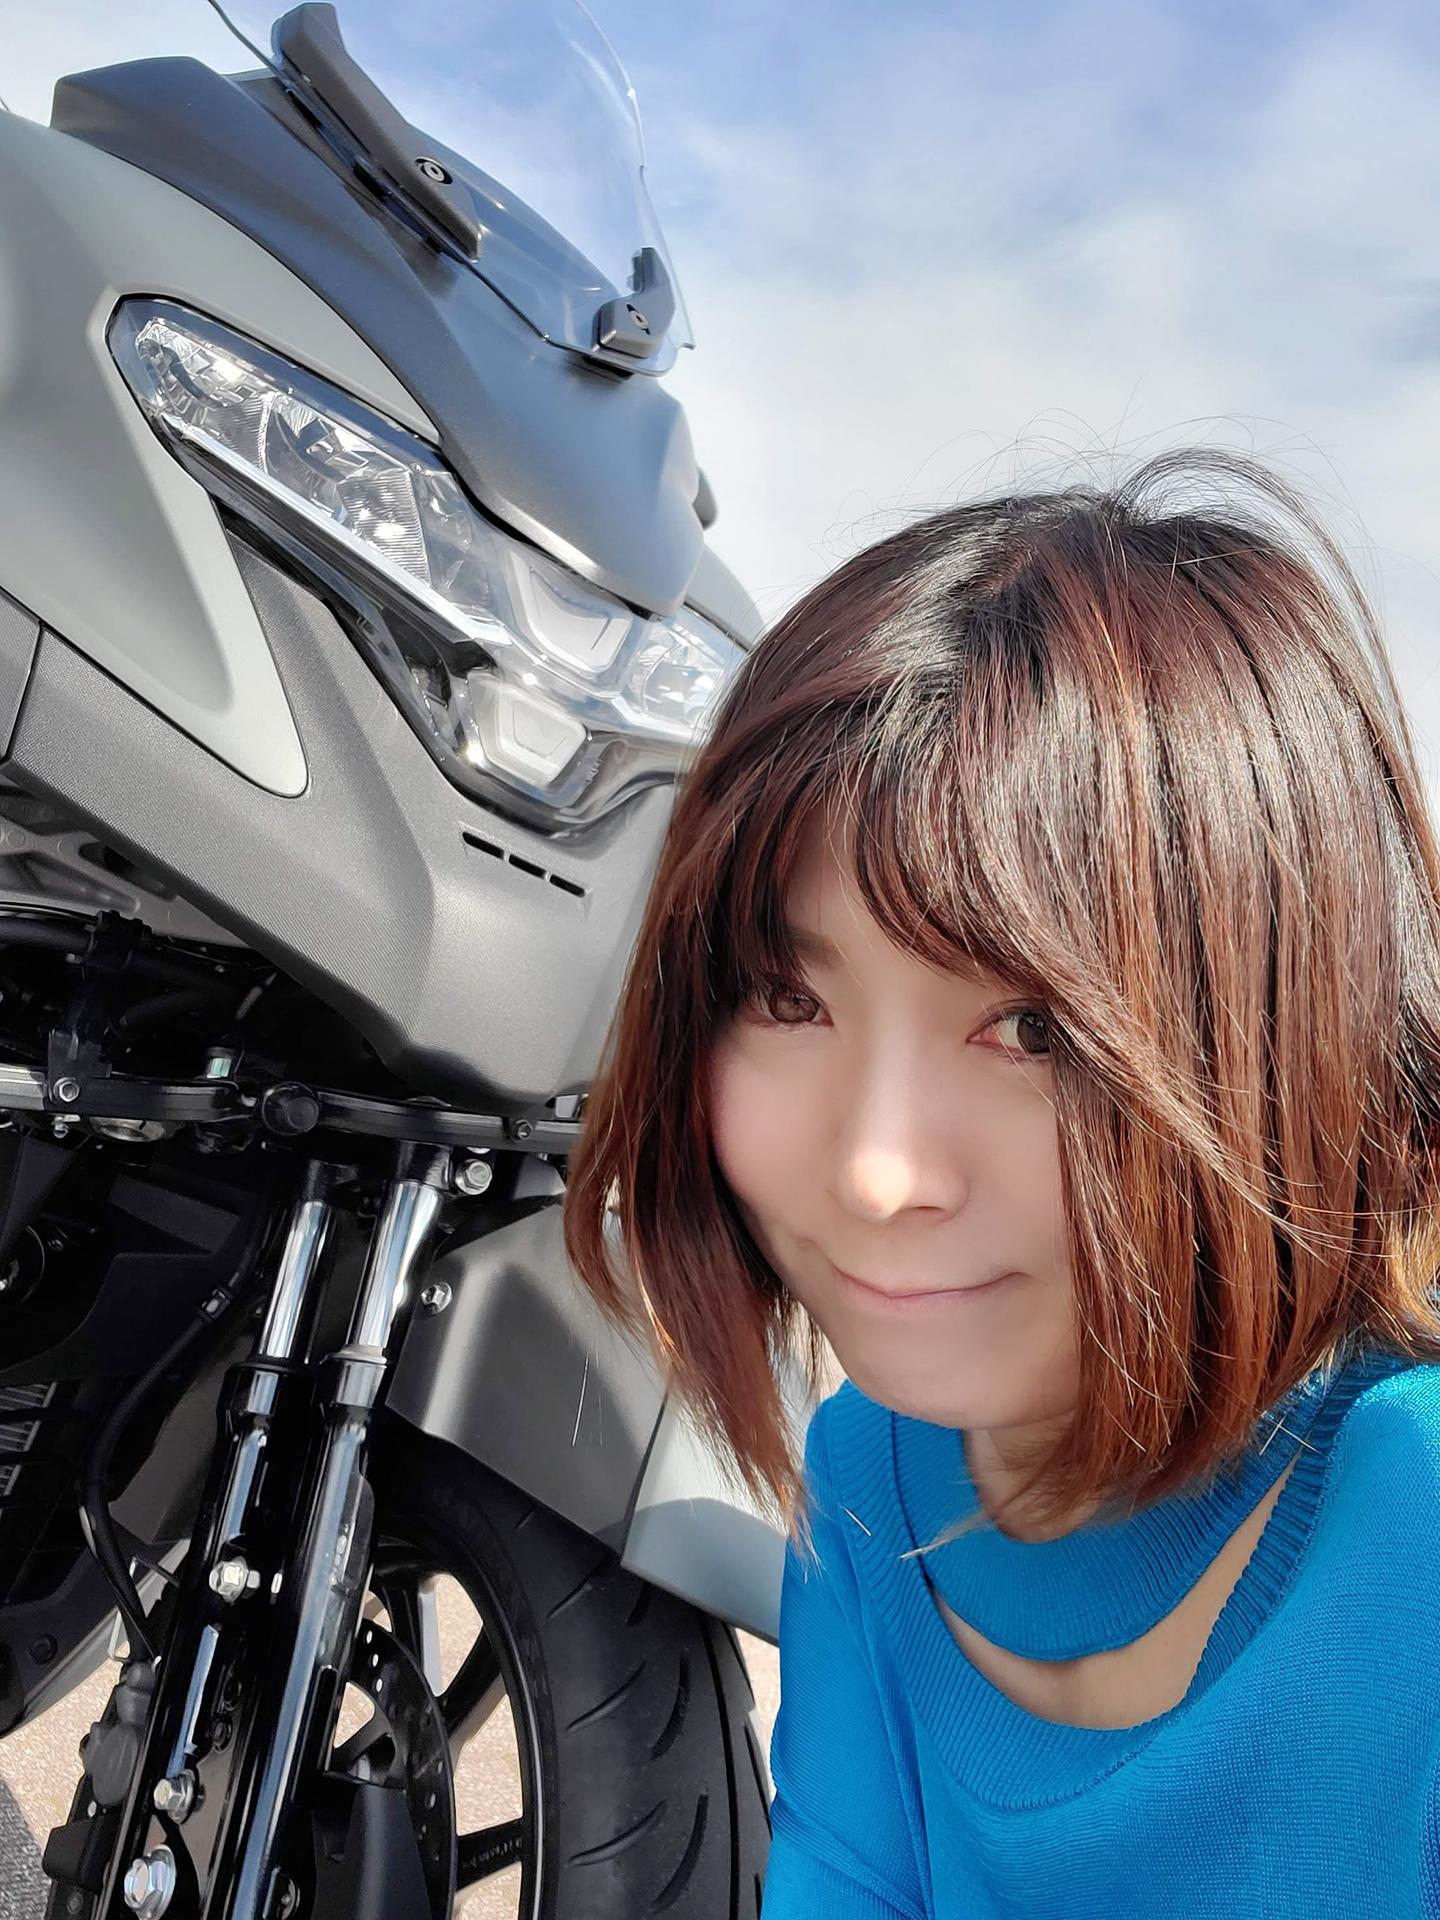 遂に登場! 自立する3輪バイク ヤマハ「トリシティ300」はホントに転ばない?